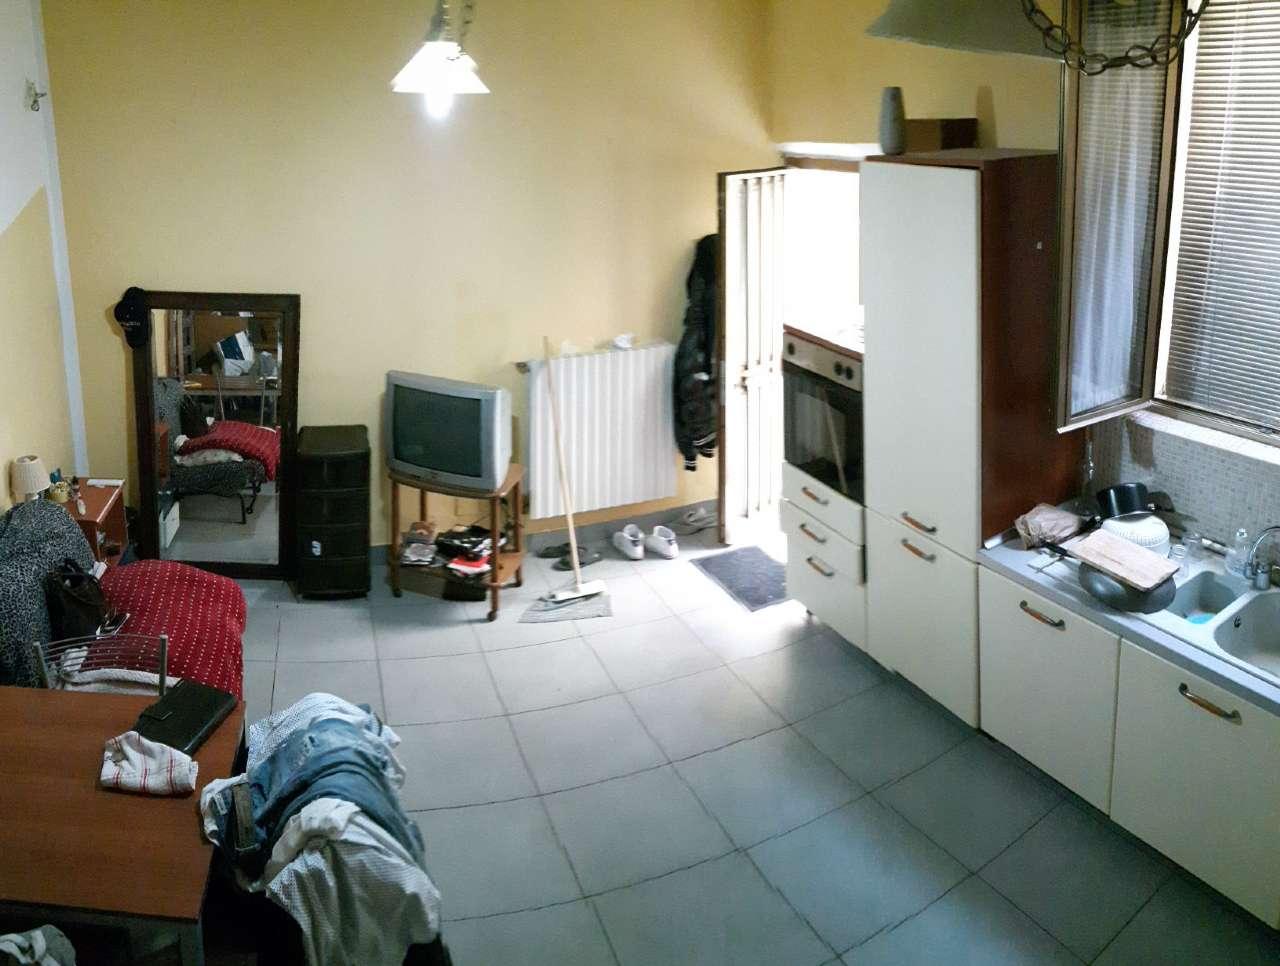 Palazzo / Stabile in vendita a Campi Bisenzio, 2 locali, prezzo € 86.000 | Cambio Casa.it